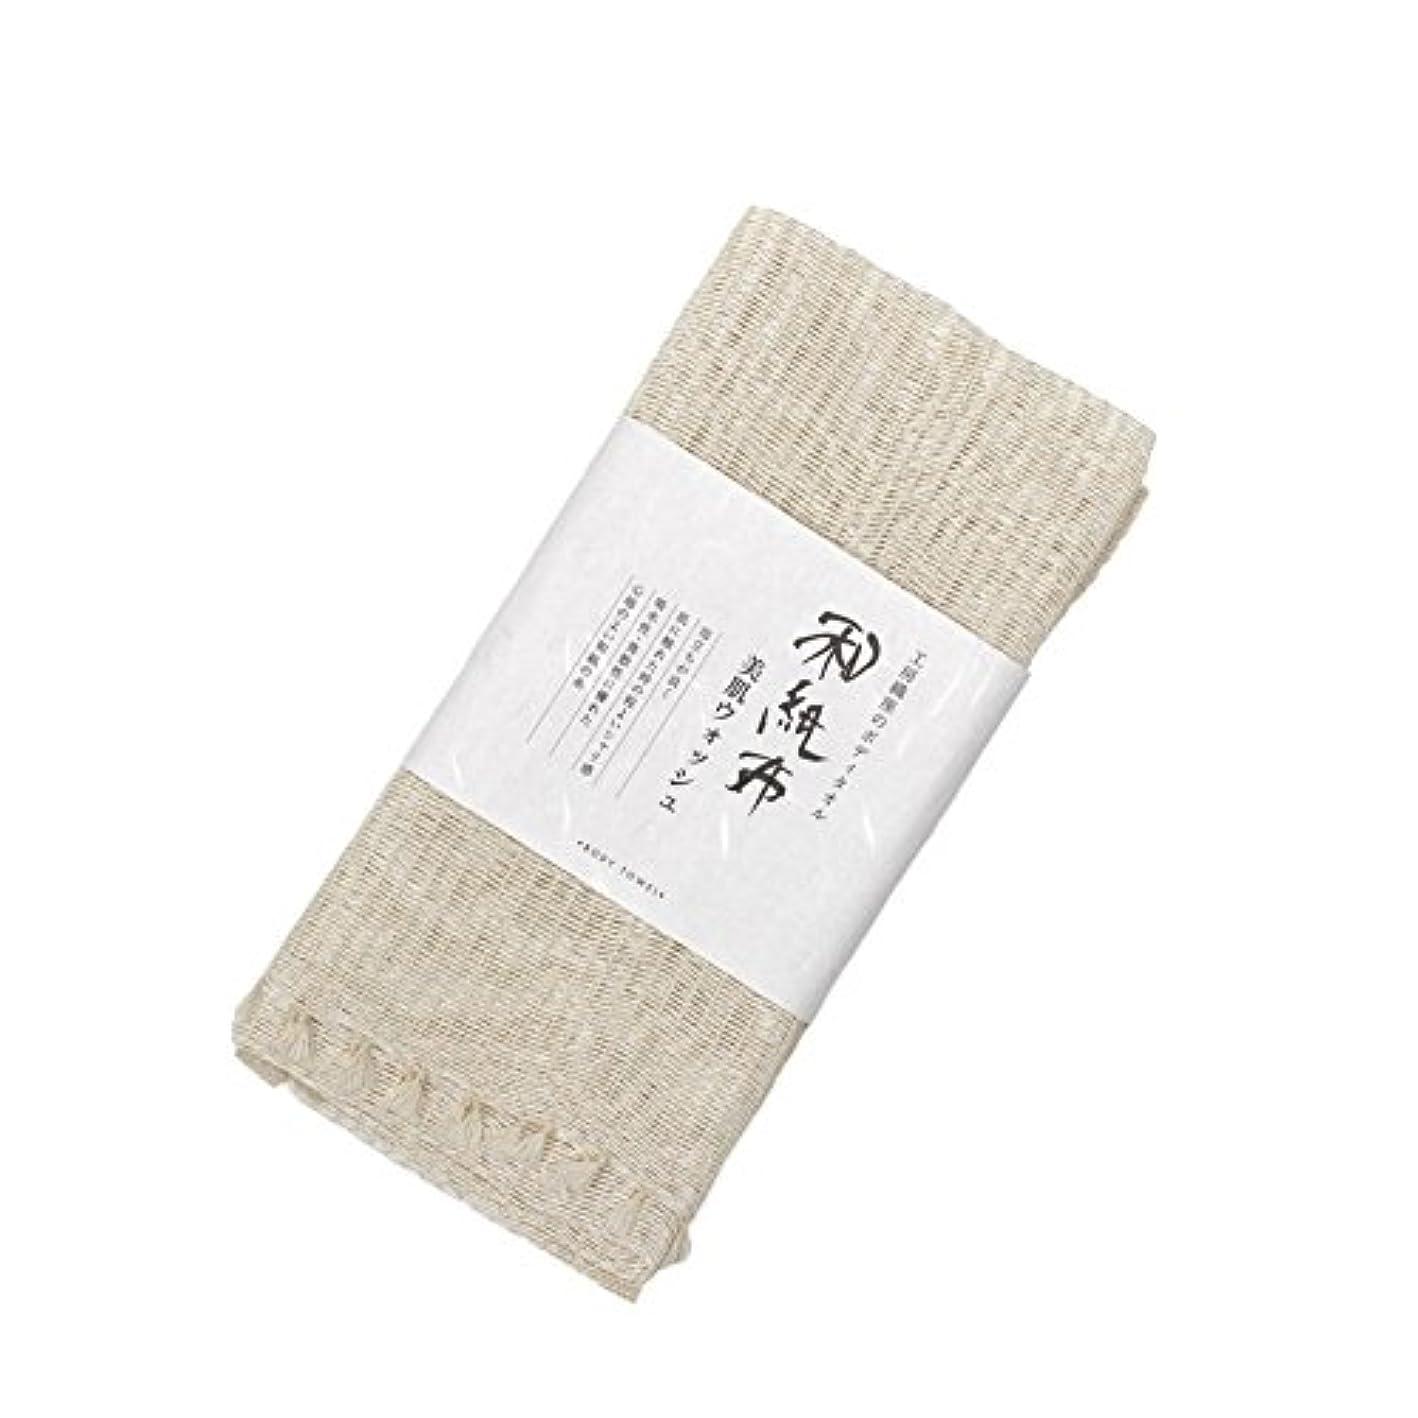 存在九時四十五分疾患今治産 ボディタオル 和紙布美肌ウォッシュ 工房織座 (ホワイト)